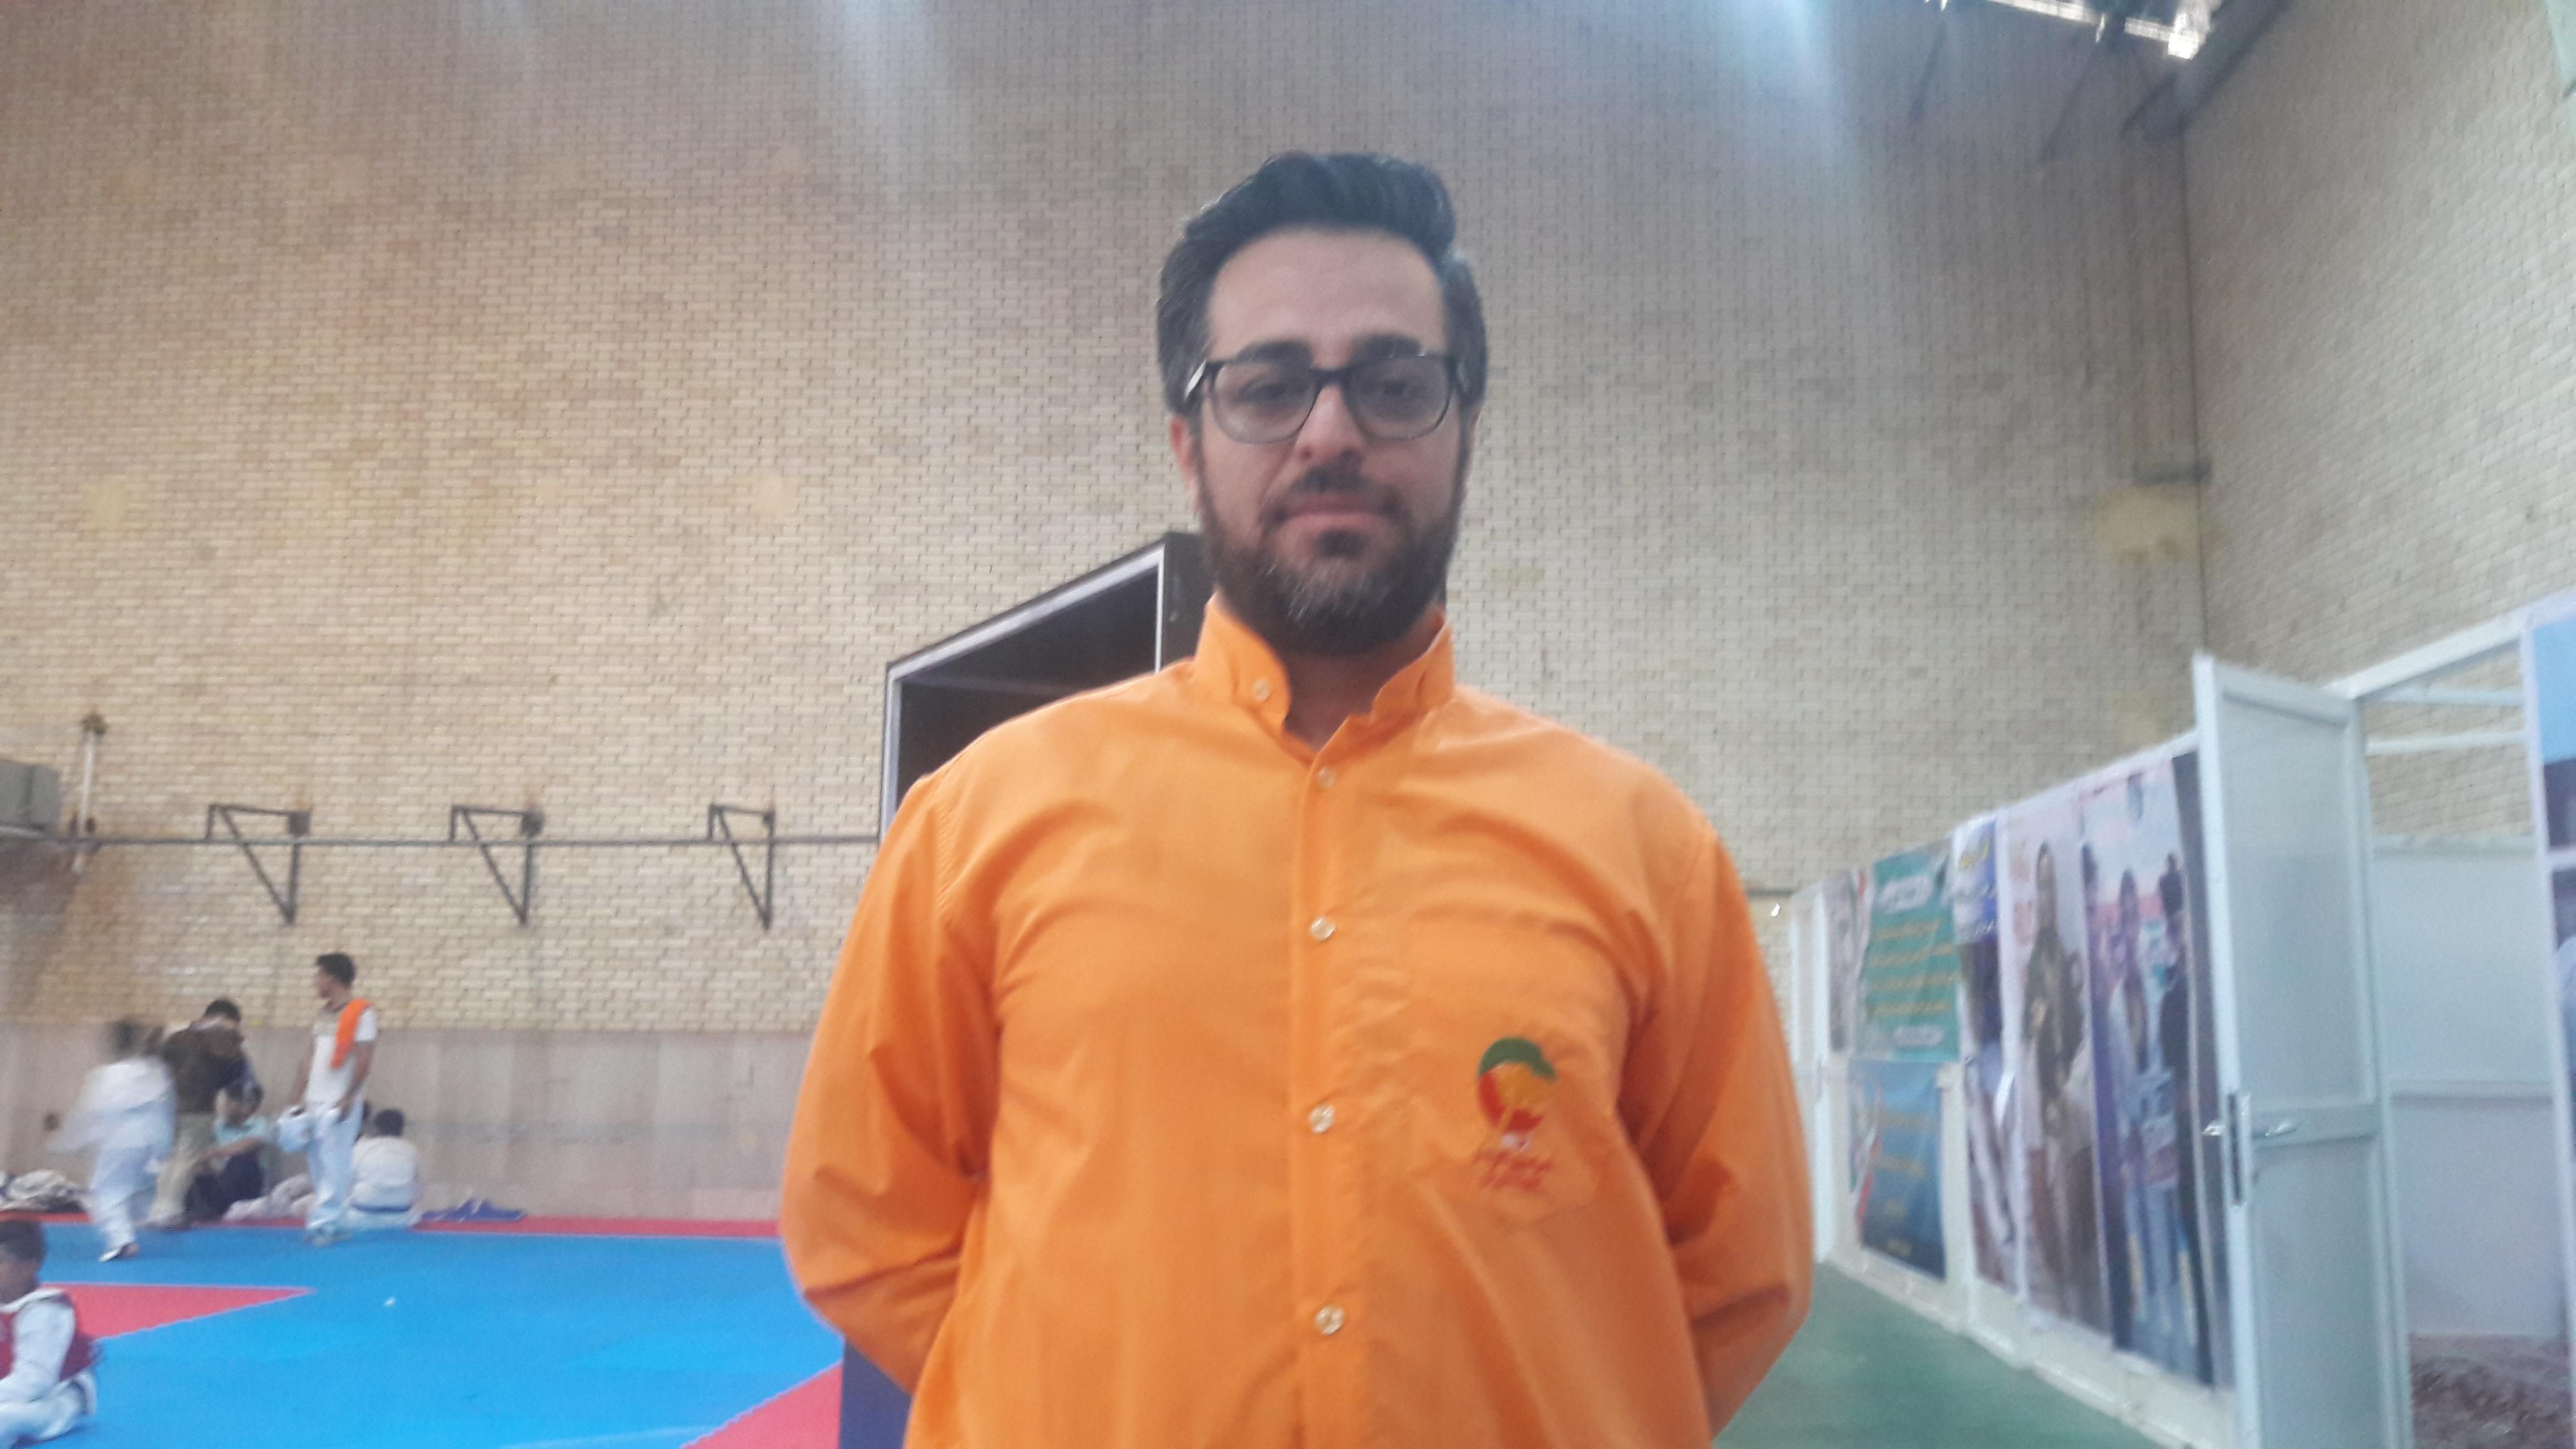 سعید مفتاحی داور و مربی رسمی کشور